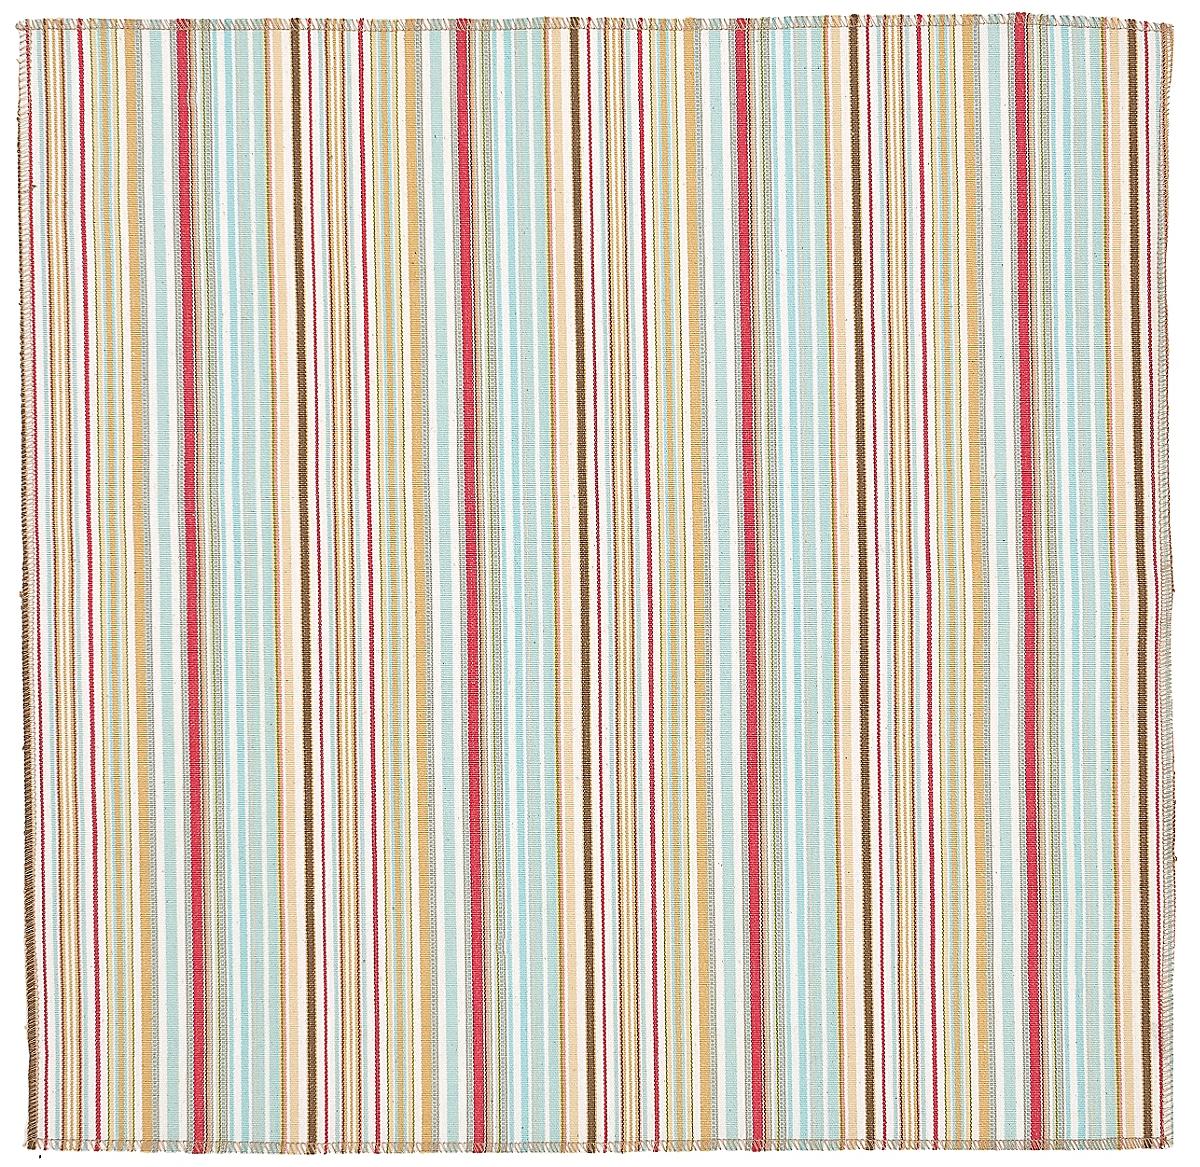 Sassy Stripes: Bluebell (fabric yardage)